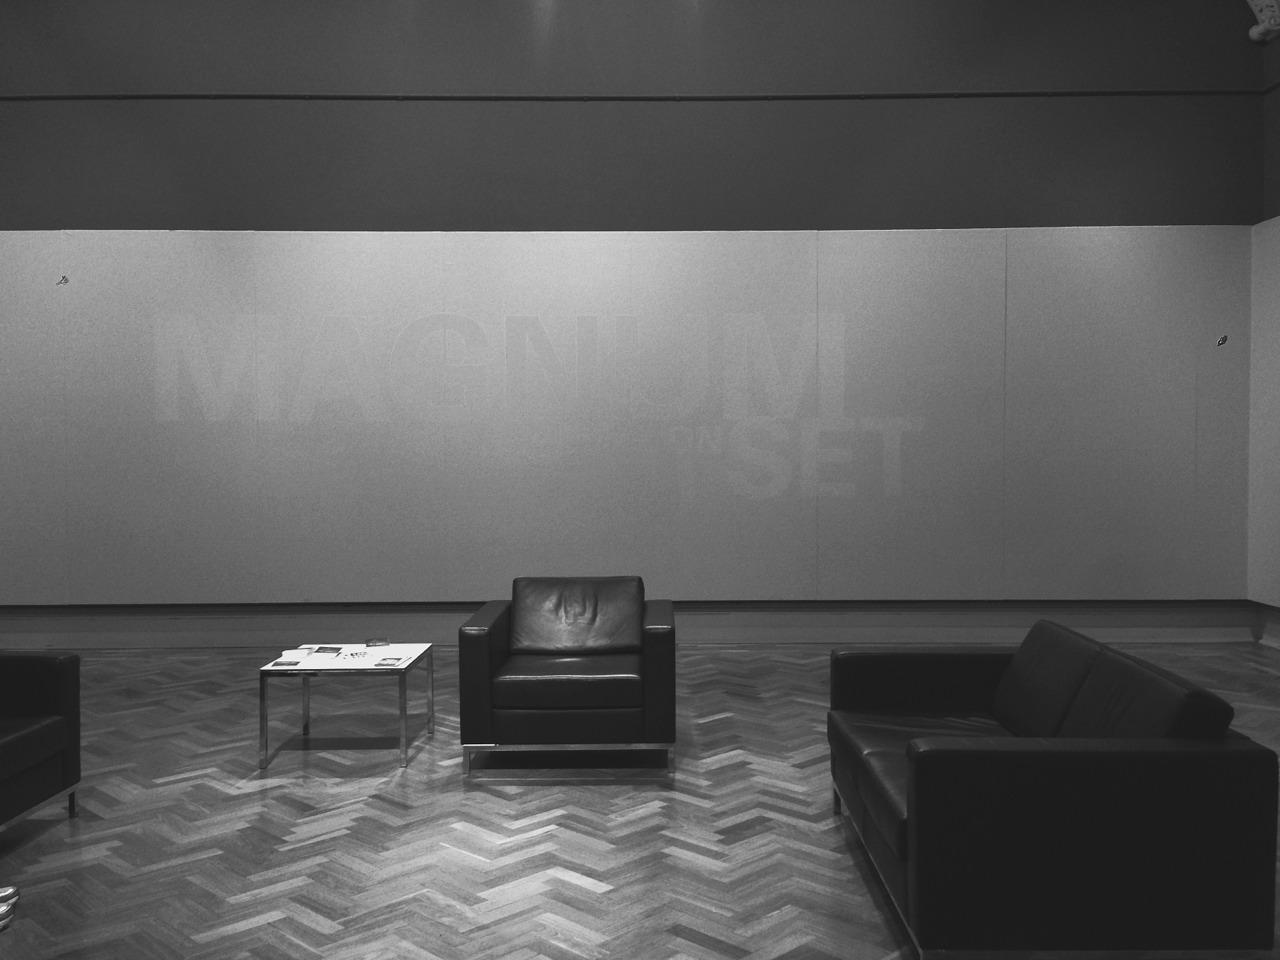 Magnum on set. HEADON photo festival - sydney #headonphoto #sydney